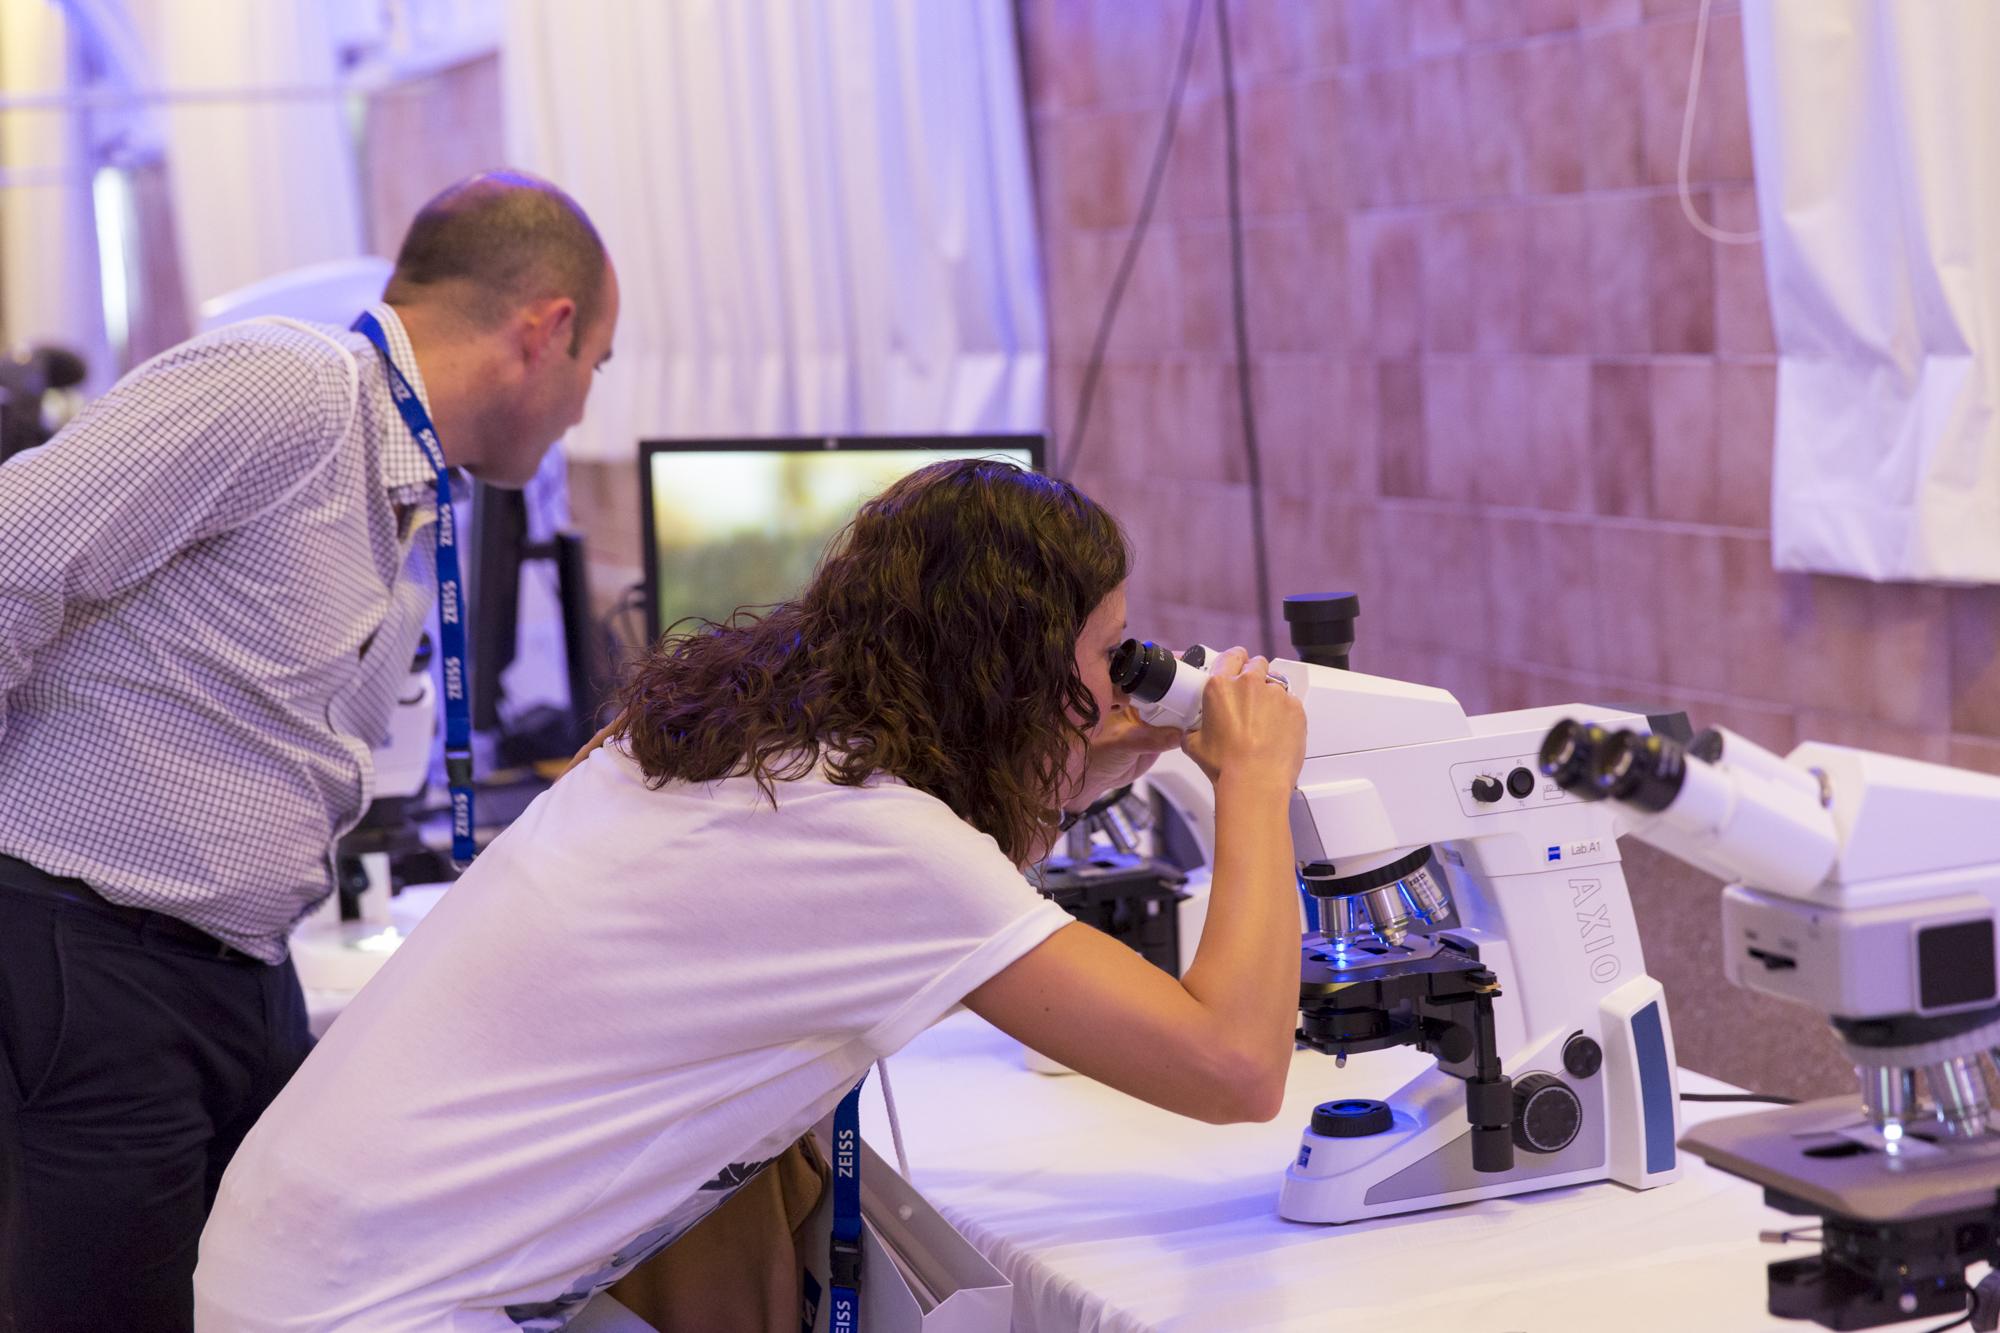 Besucher können neue Mikroskopietechniken entdecken.